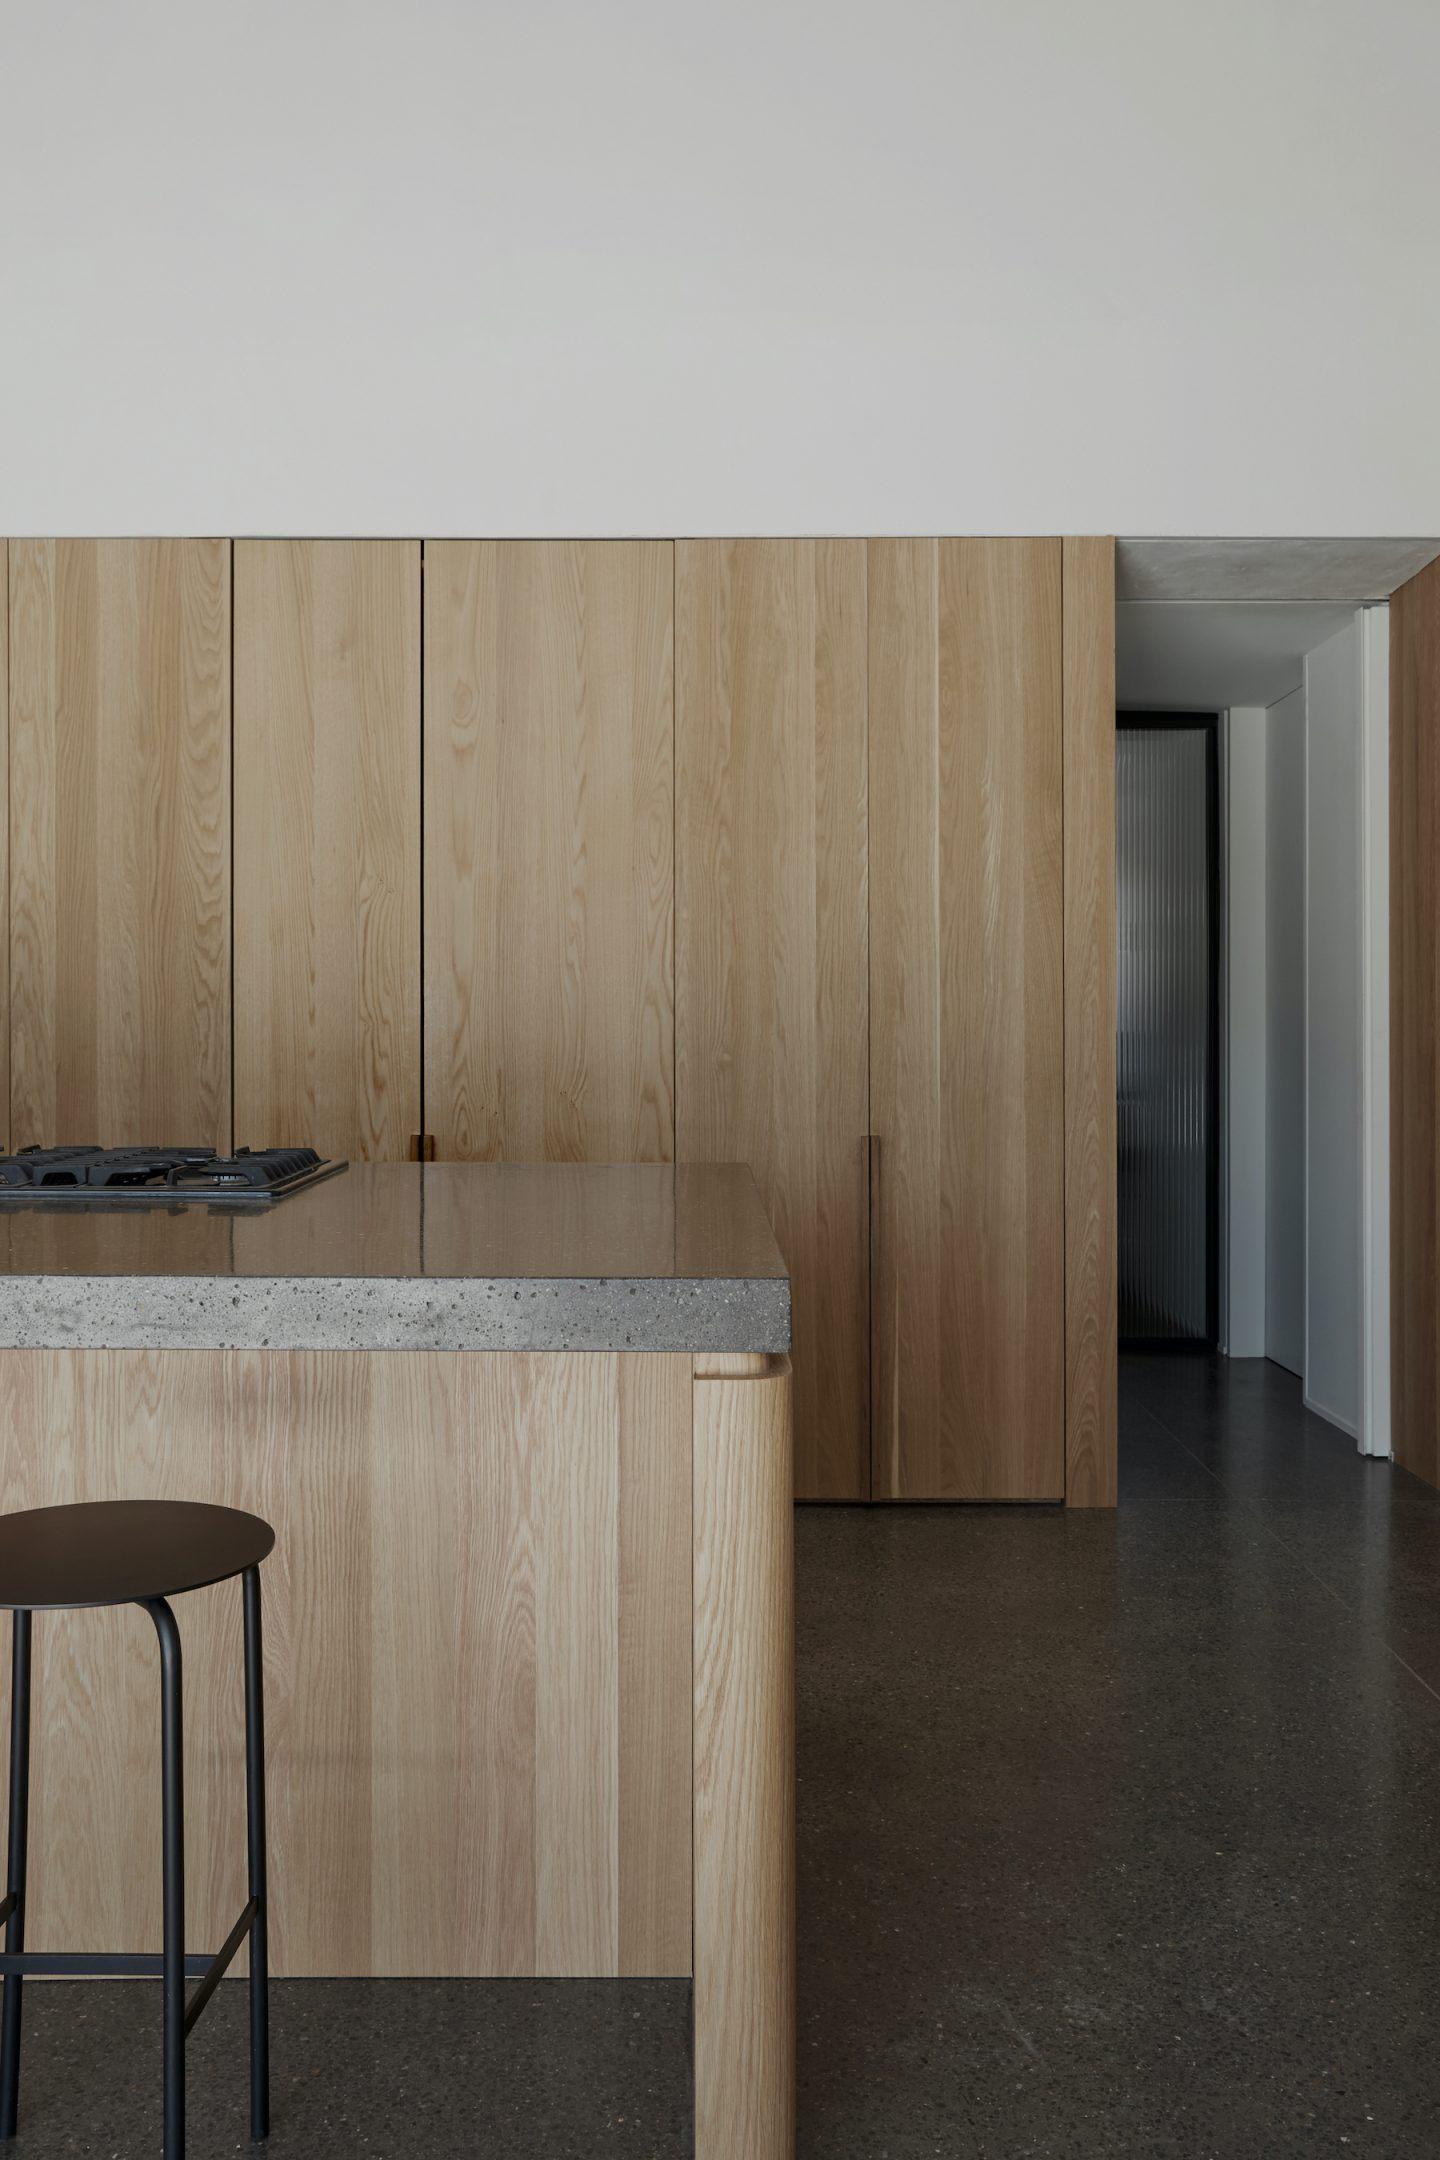 IGNANT-Architecture-Atelier-Barda-Maison-Gauthier-09